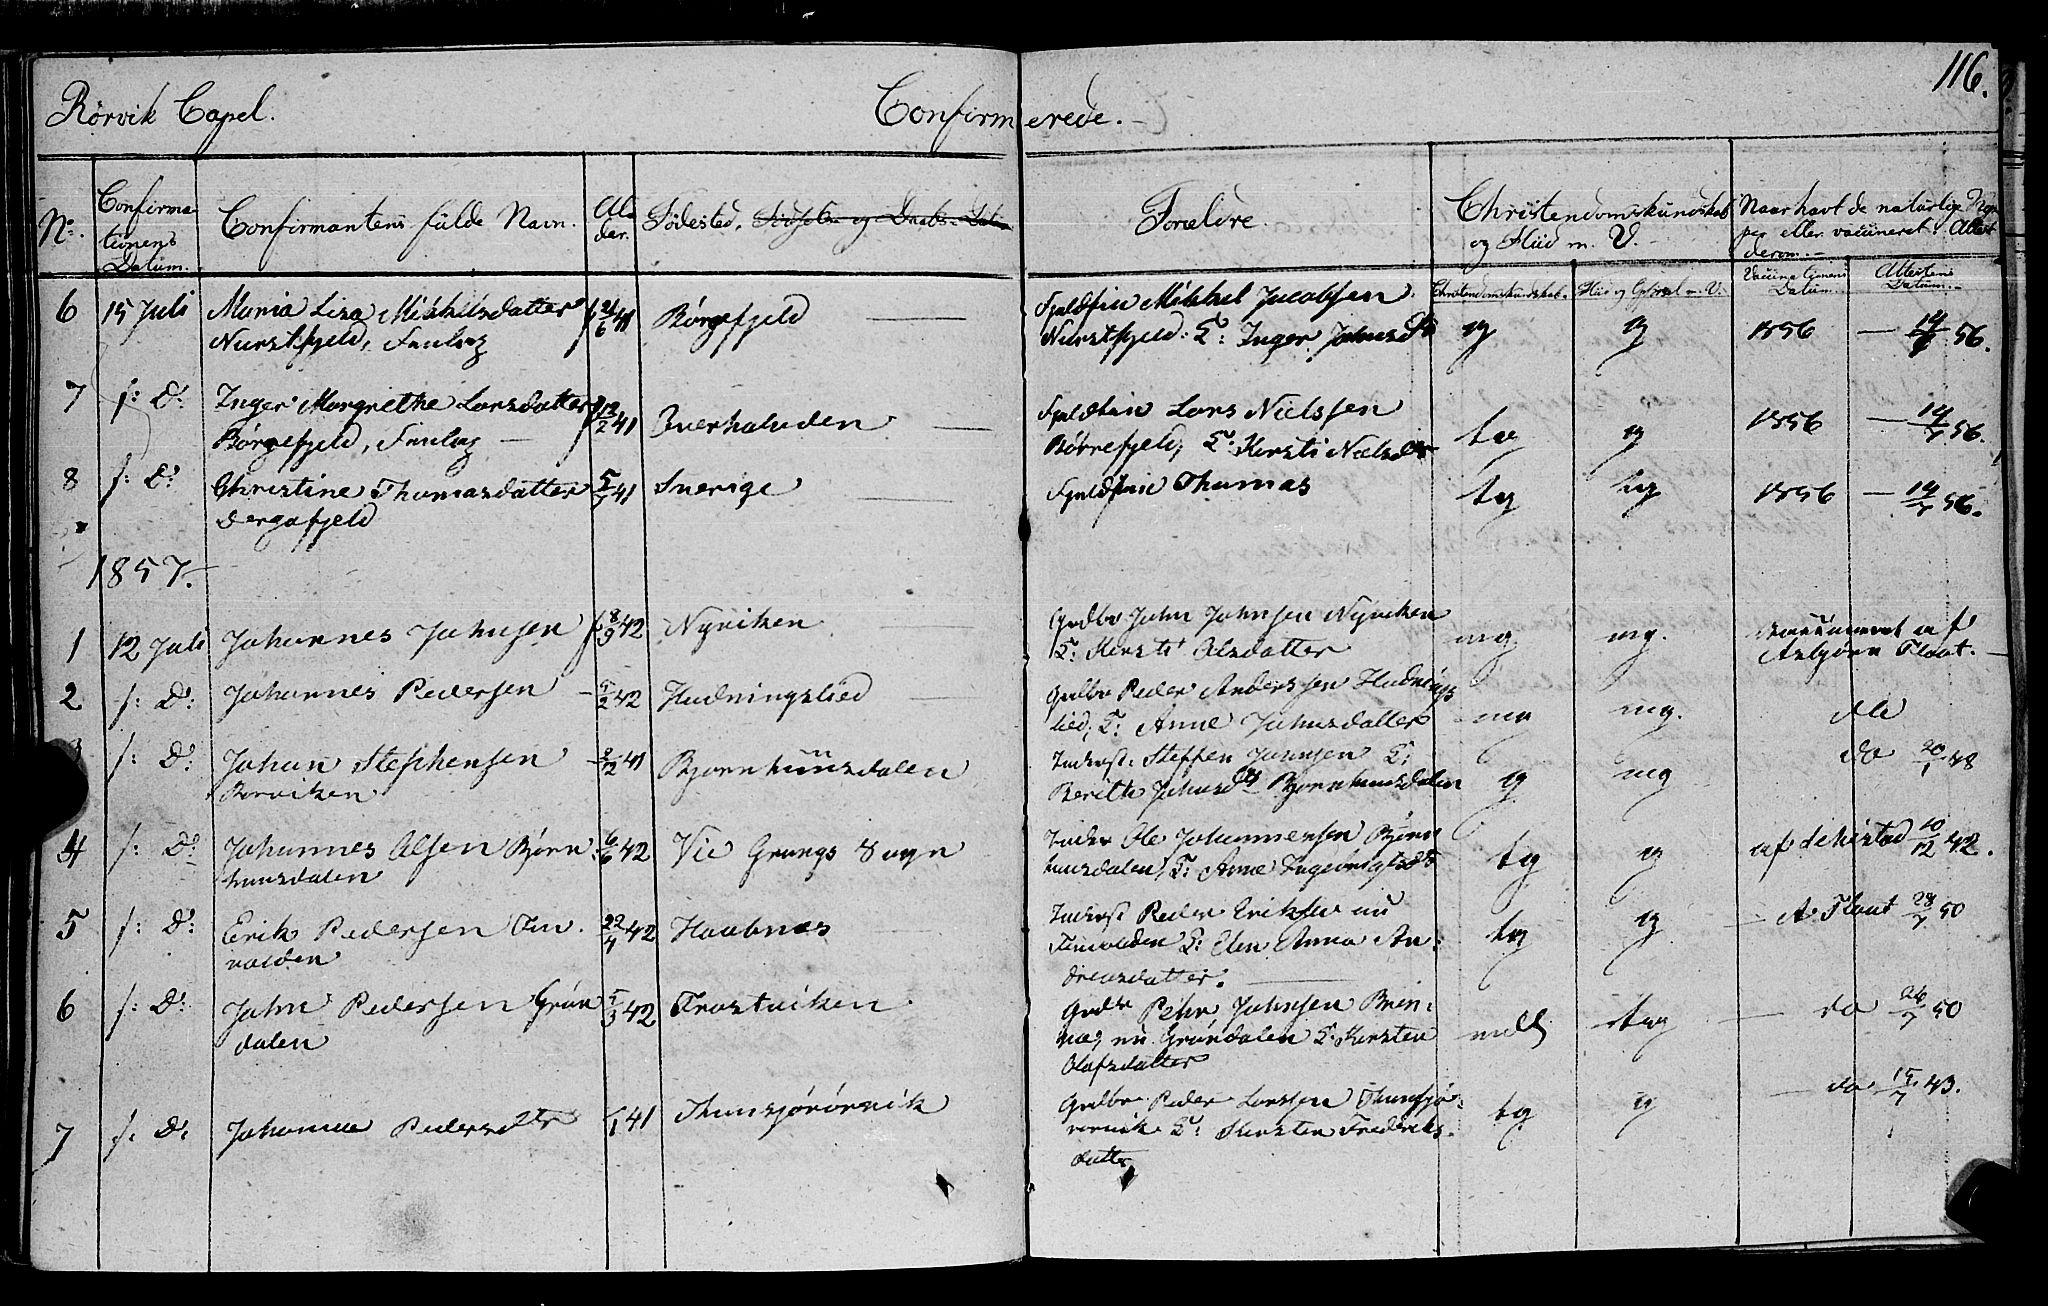 SAT, Ministerialprotokoller, klokkerbøker og fødselsregistre - Nord-Trøndelag, 762/L0538: Ministerialbok nr. 762A02 /1, 1833-1879, s. 116